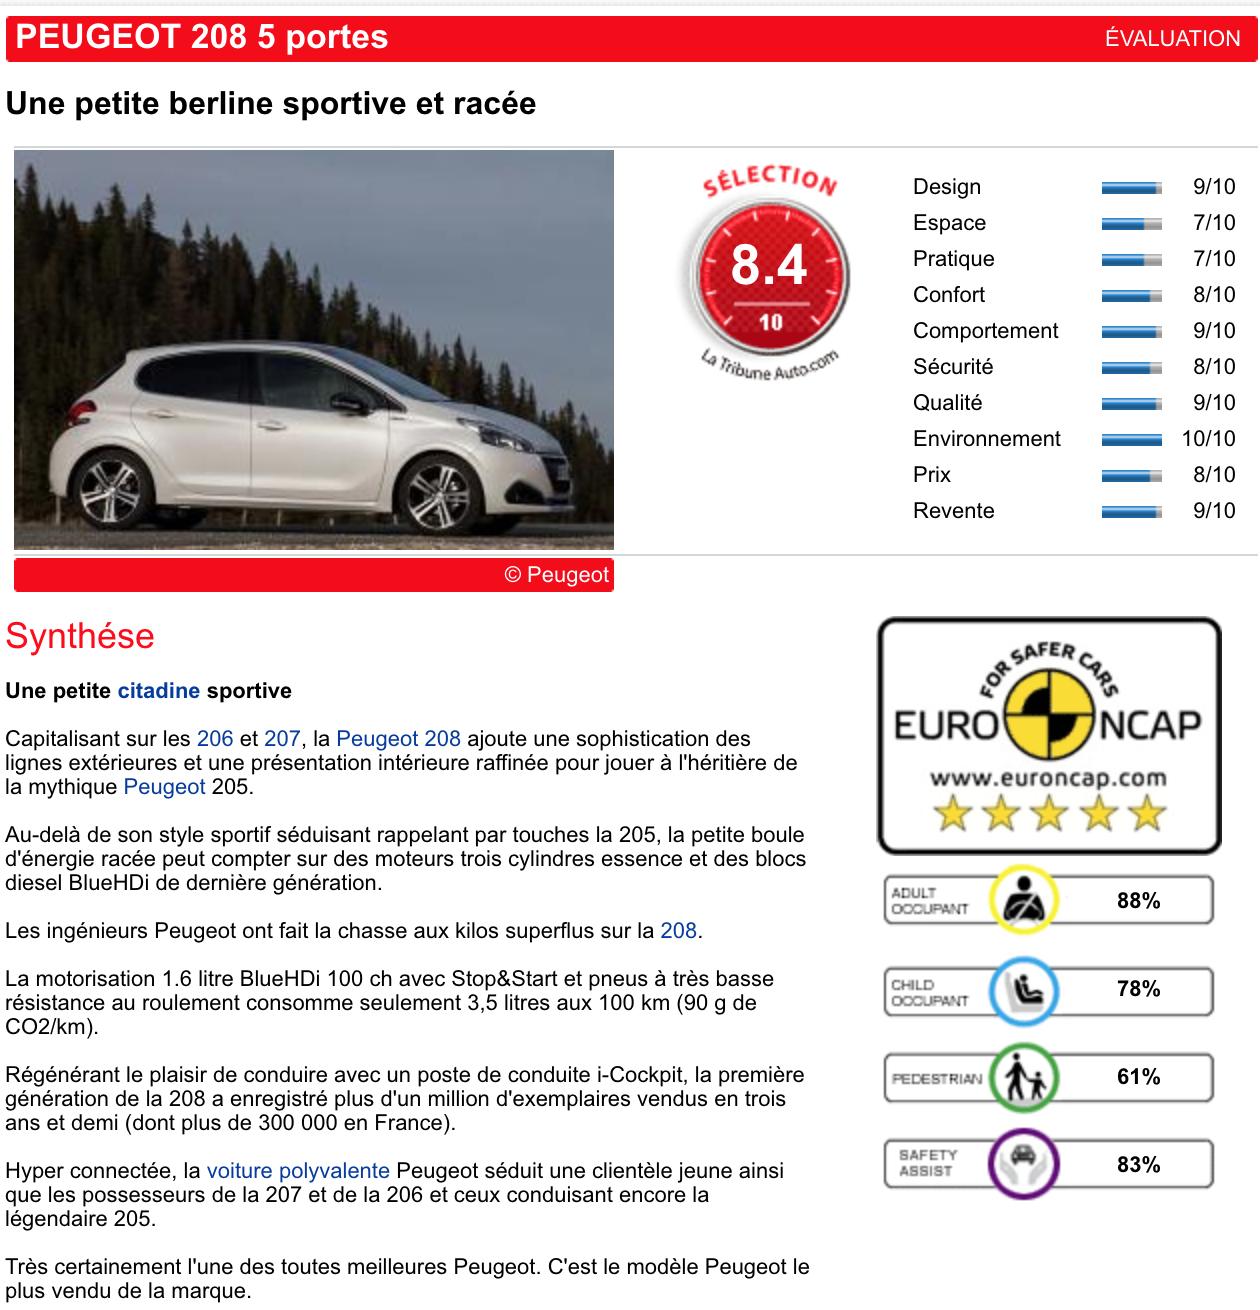 LaTribuneAuto : déterminer le coût futur de votre automobile